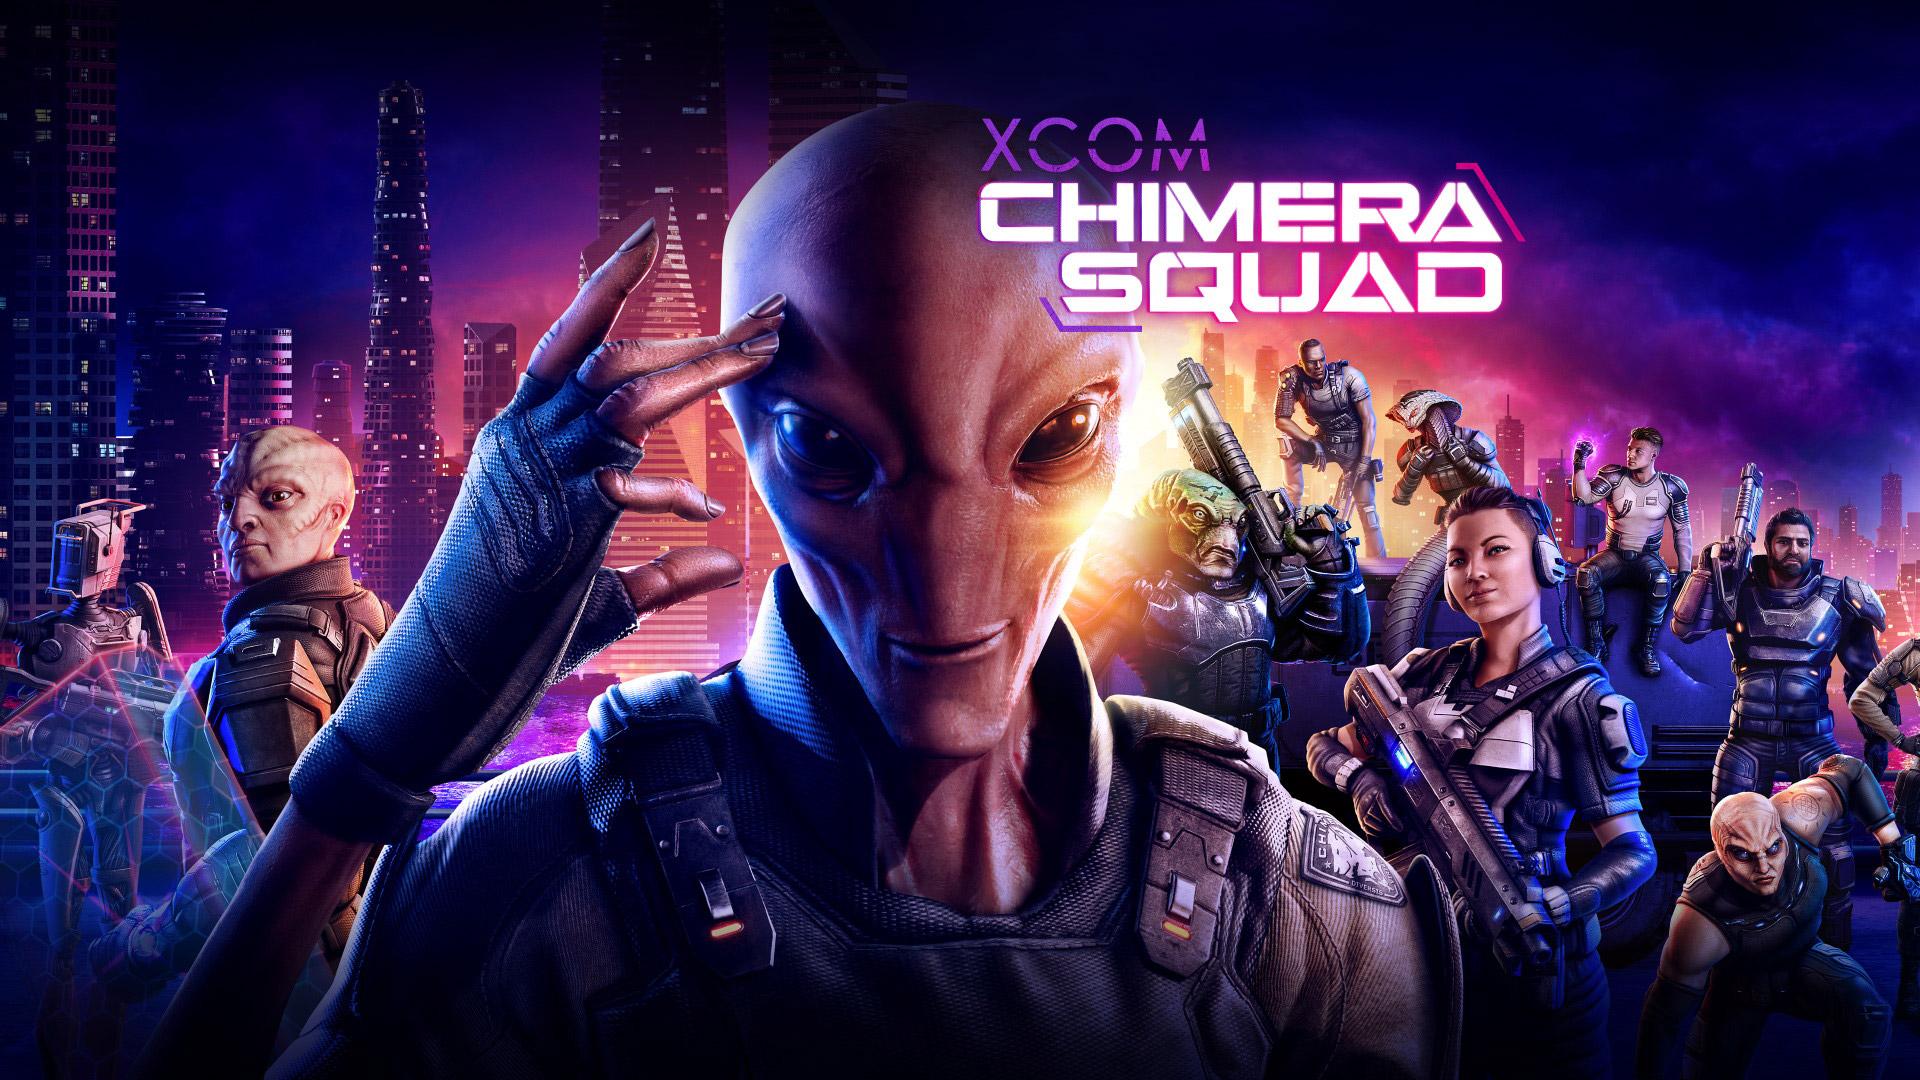 Free XCOM: Chimera Squad Wallpaper in 1920x1080